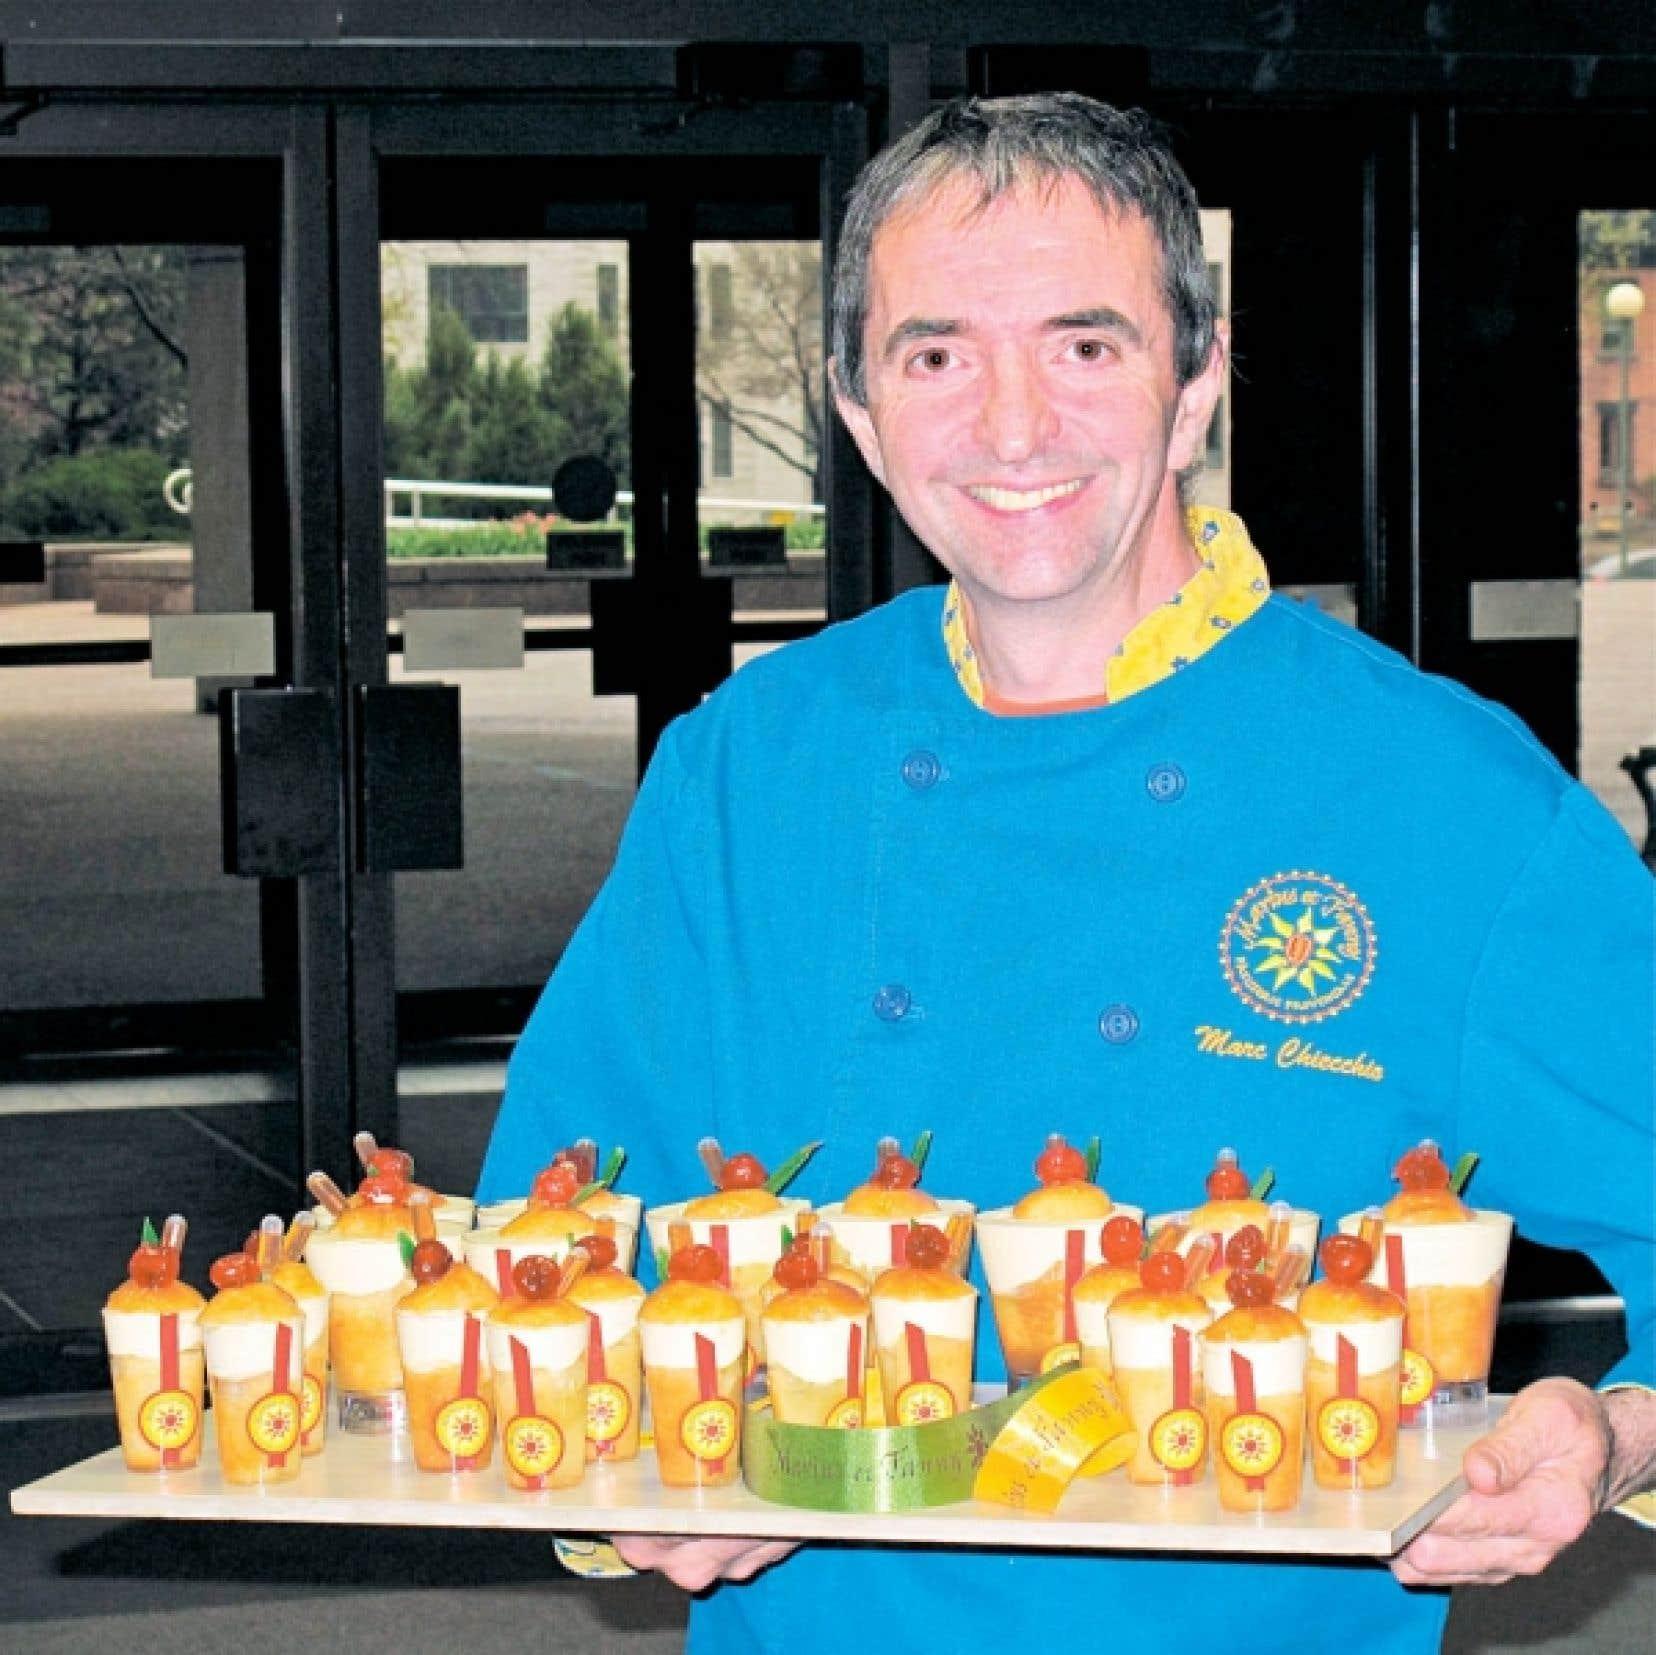 Marc Chiecchio est l'un de ces chefs qui contribuent à faire revivre de regrettables oubliées parmi les pâtisseries françaises. Le pâtissier déploie son immense talent dans ses boutiques de la région montréalaise.